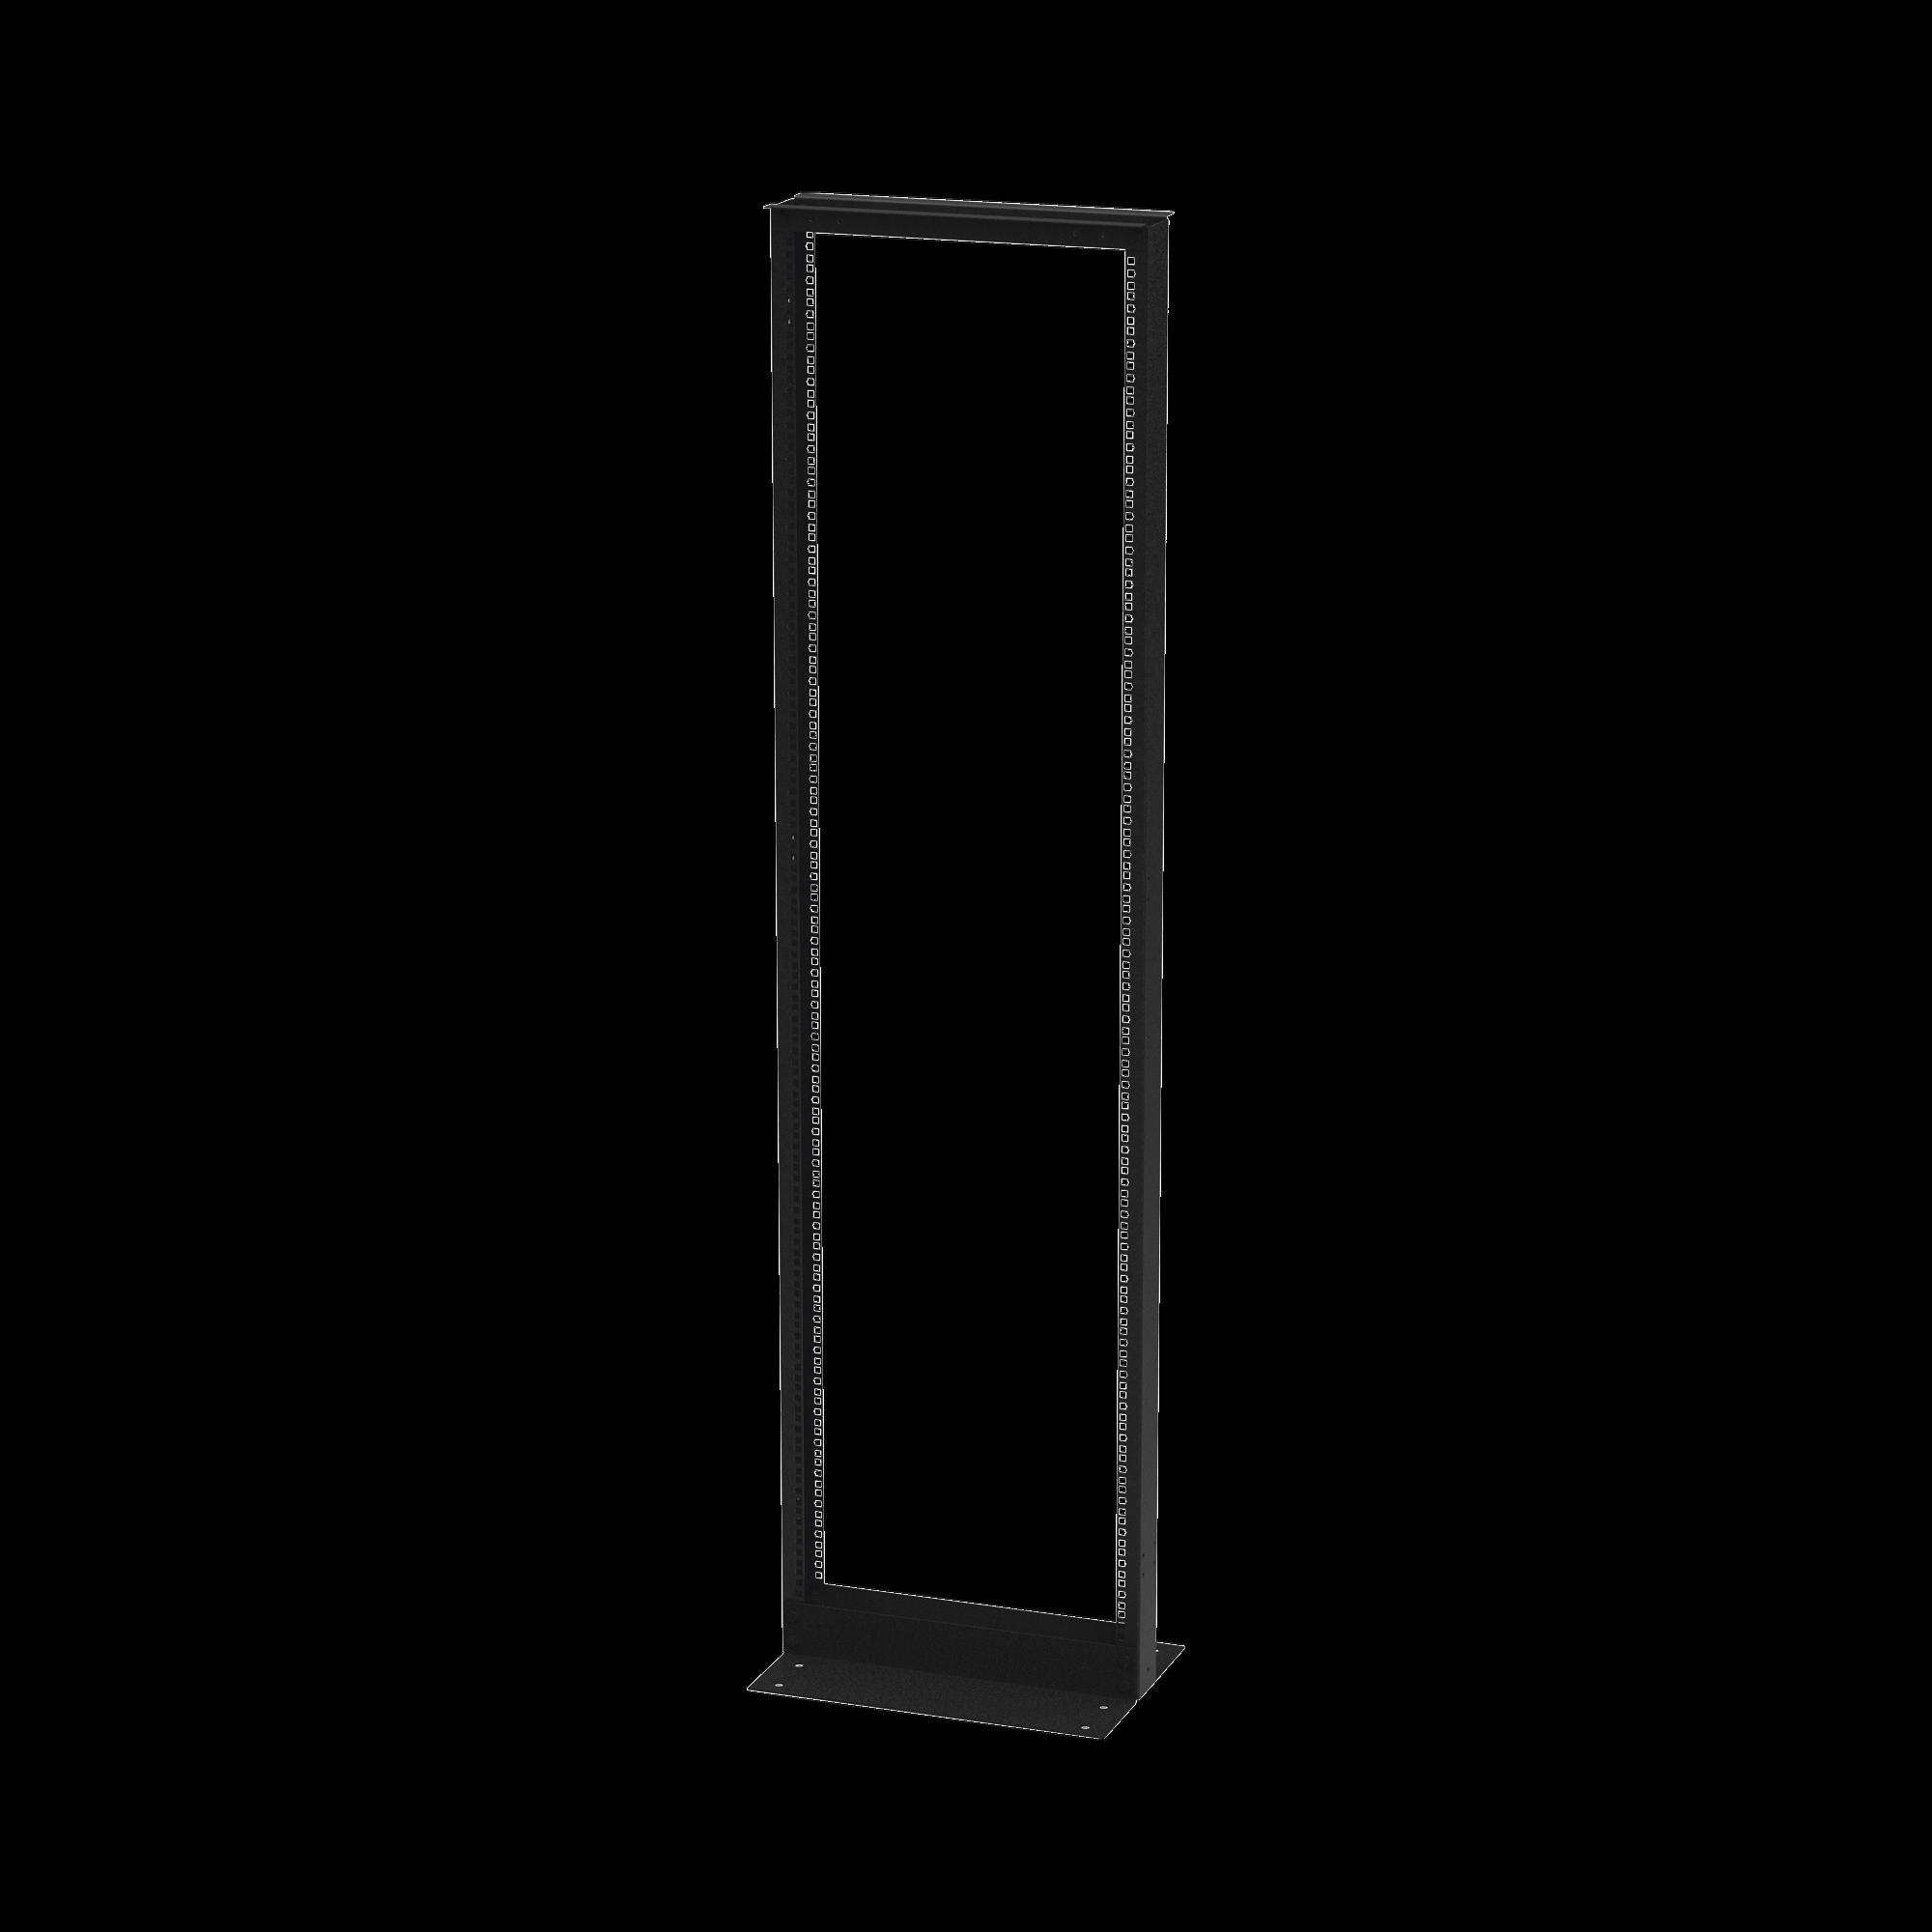 Rack de 2 Postes, Doble Perforacion, Estandar 19, 42 Unidades, Fabricado en Acero, Base L para Anclar a Piso.